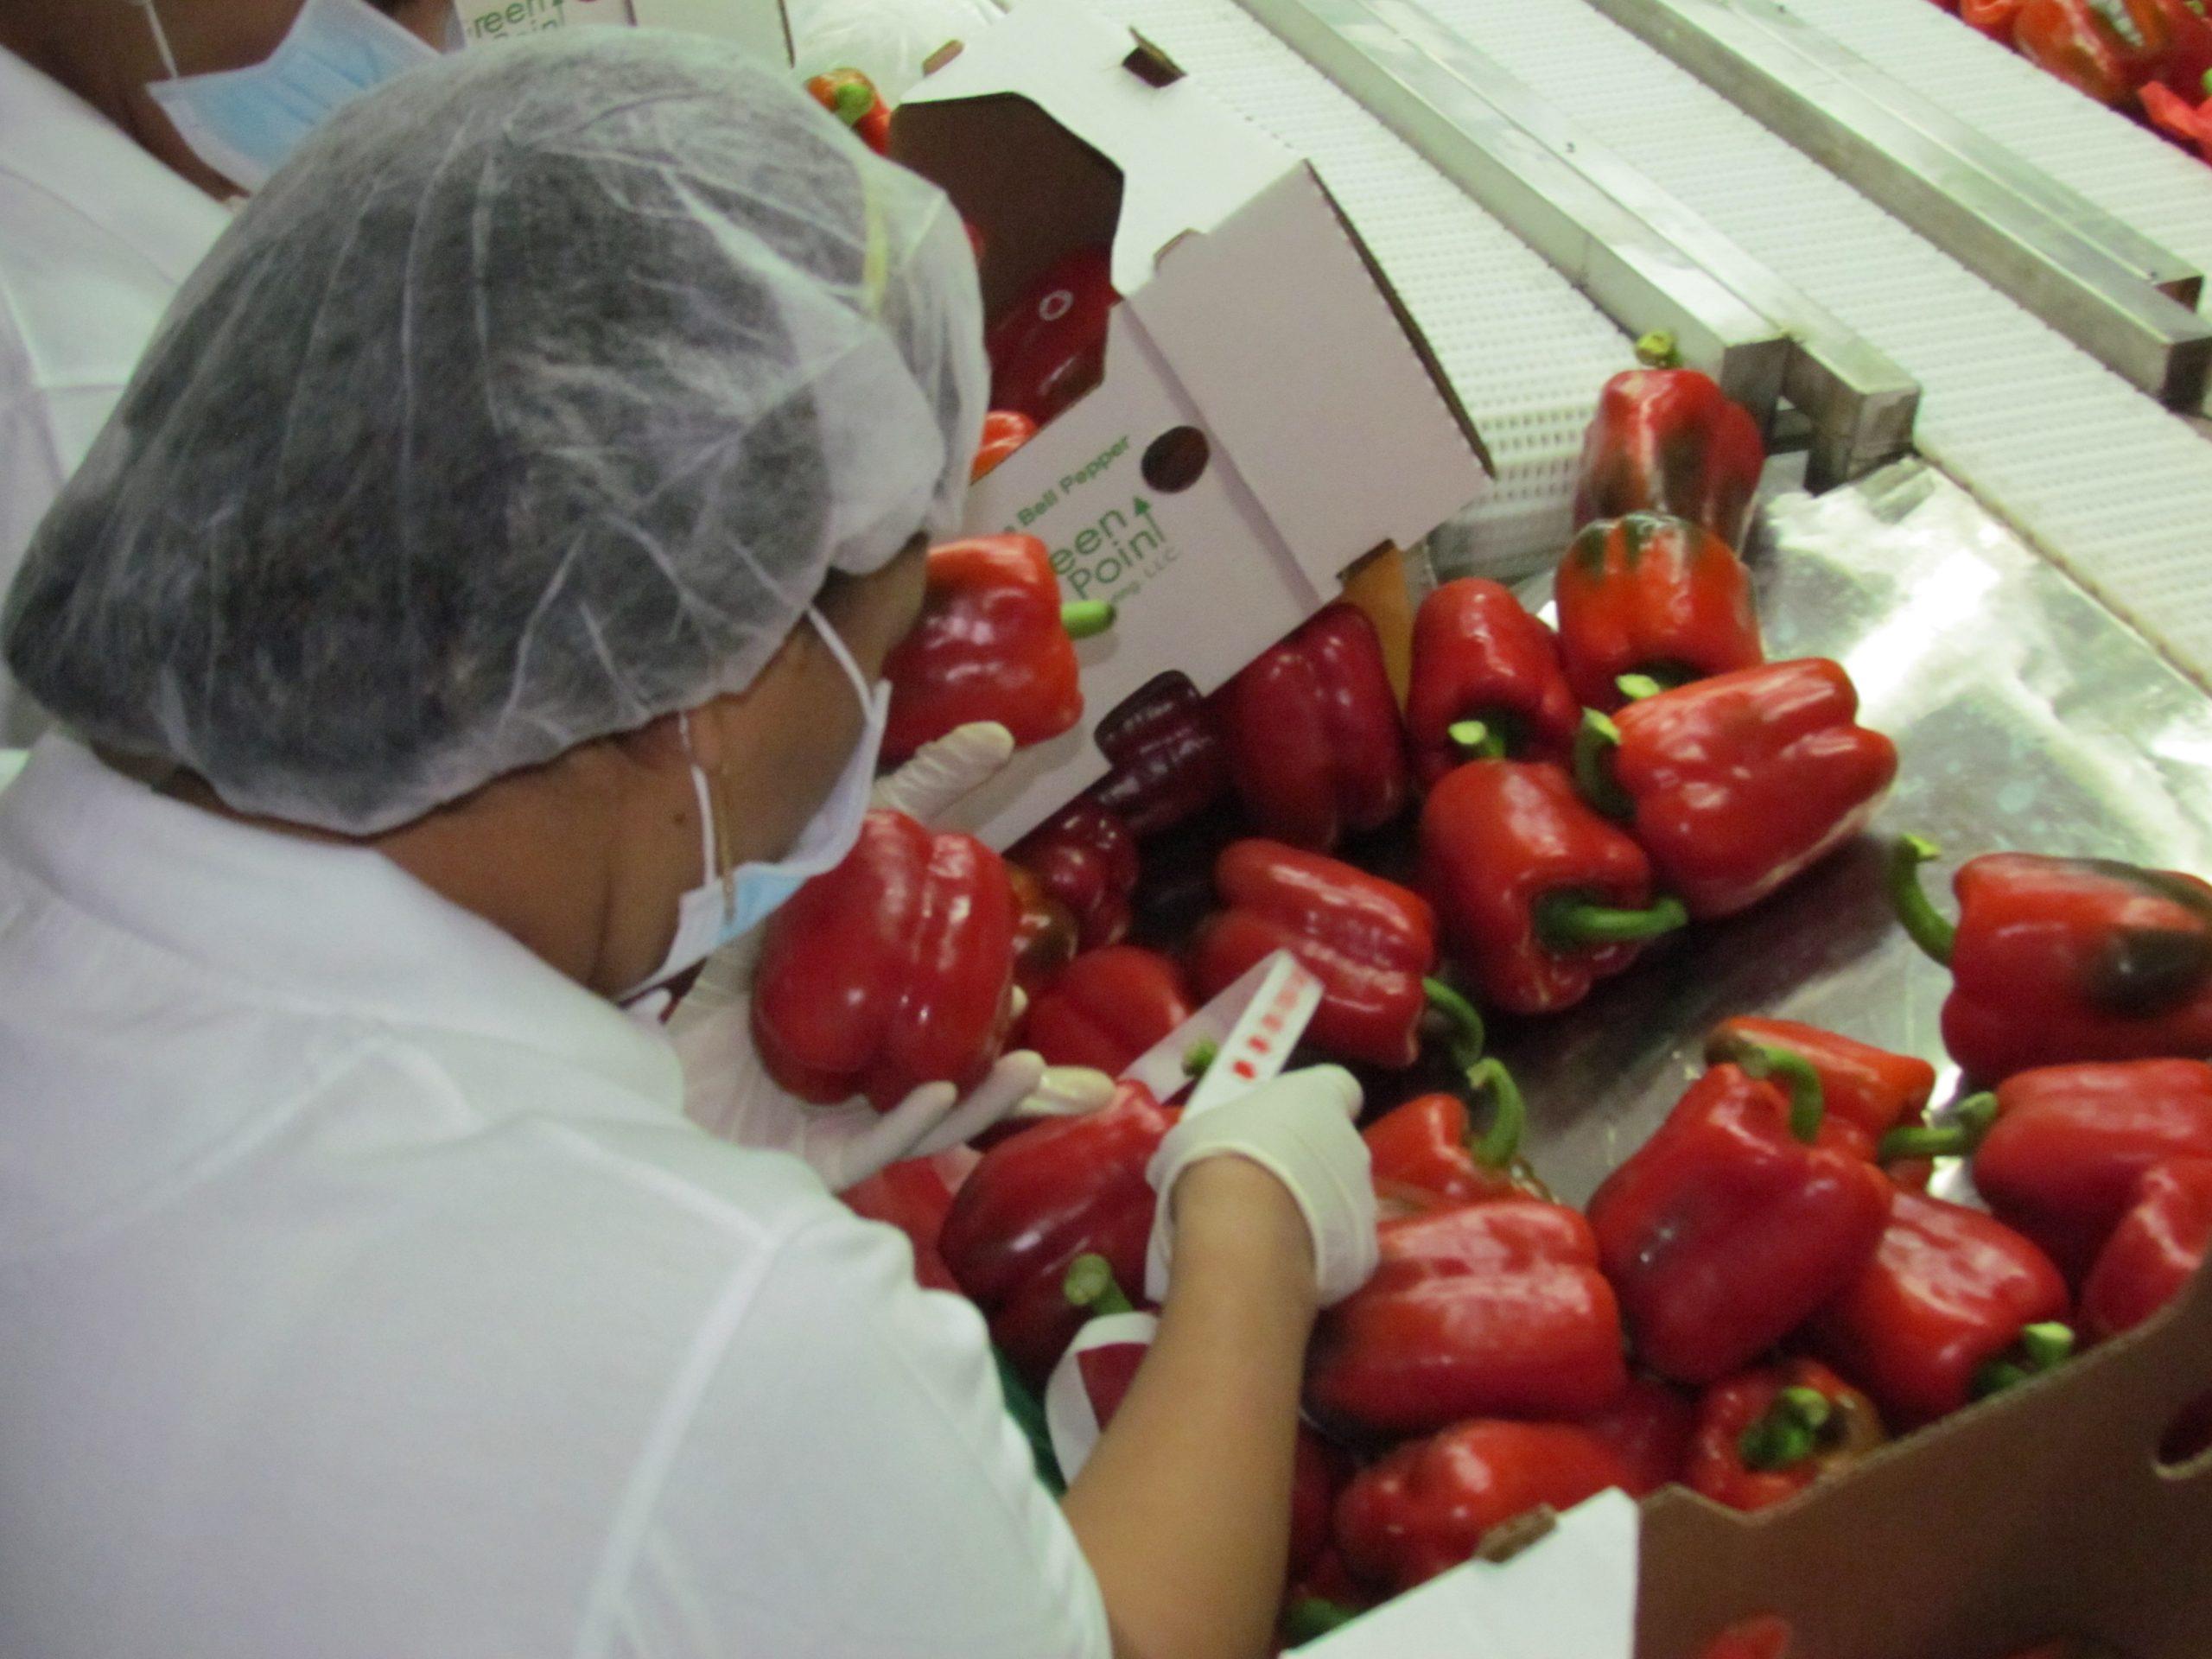 El país ha logrado establecer un importante mercado receptor de los vegetales que se producen en los invernaderos locales. Foto: JAIRON SEVERINO